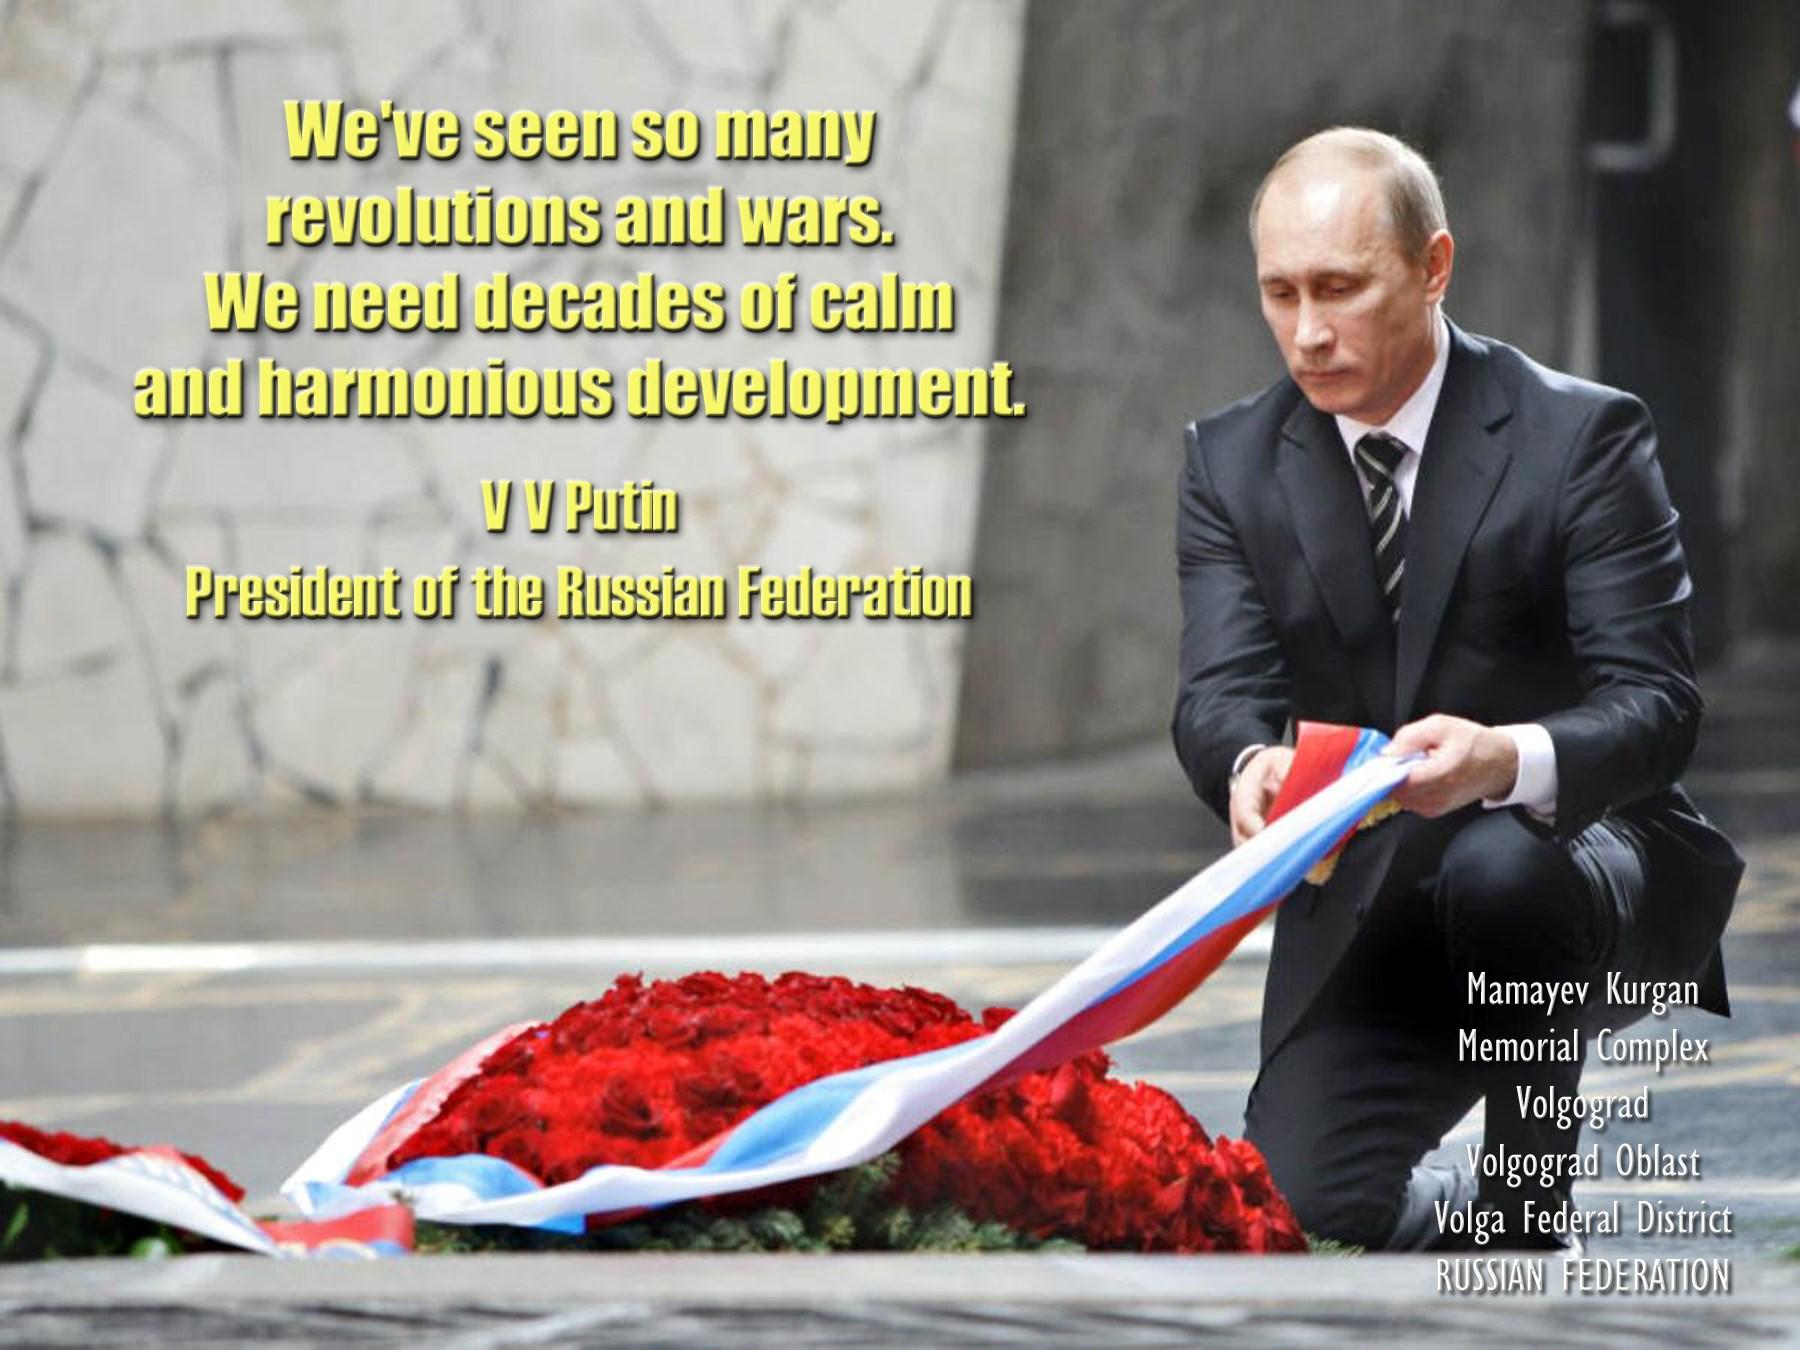 00 putin mamayev kurgan memorial complex volograd russia 040915